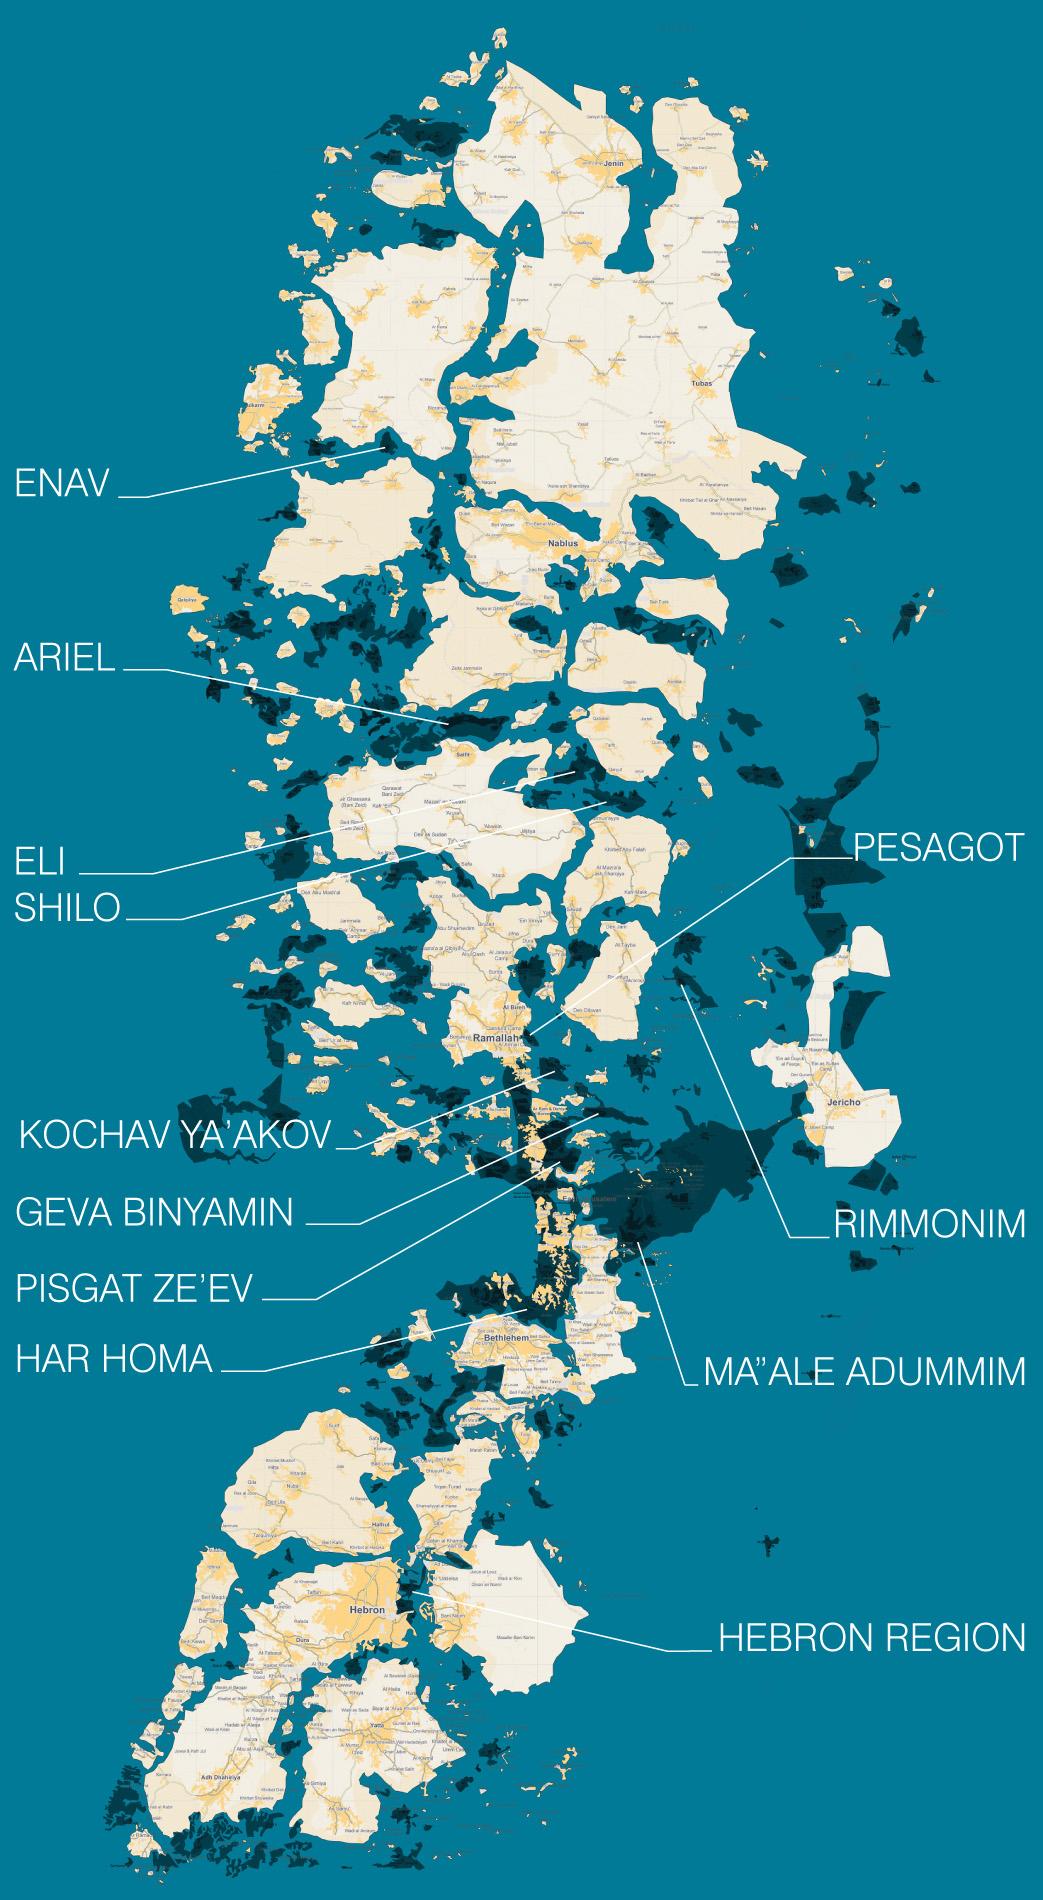 ocha_opt_wb_closure_map_june_2010_web